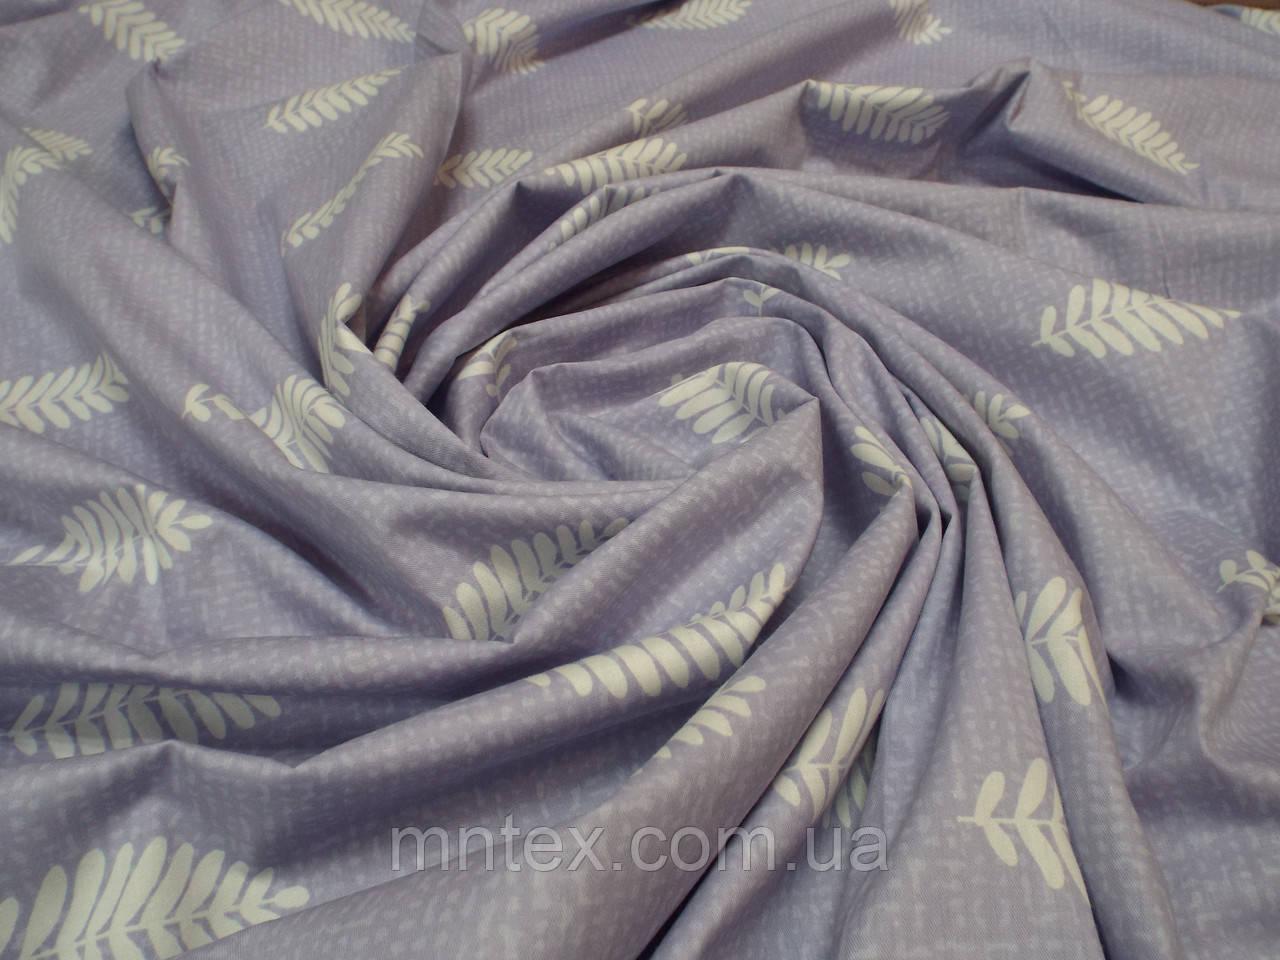 Ткань для пошива постельного белья сатин Папоротник (компаньйон)